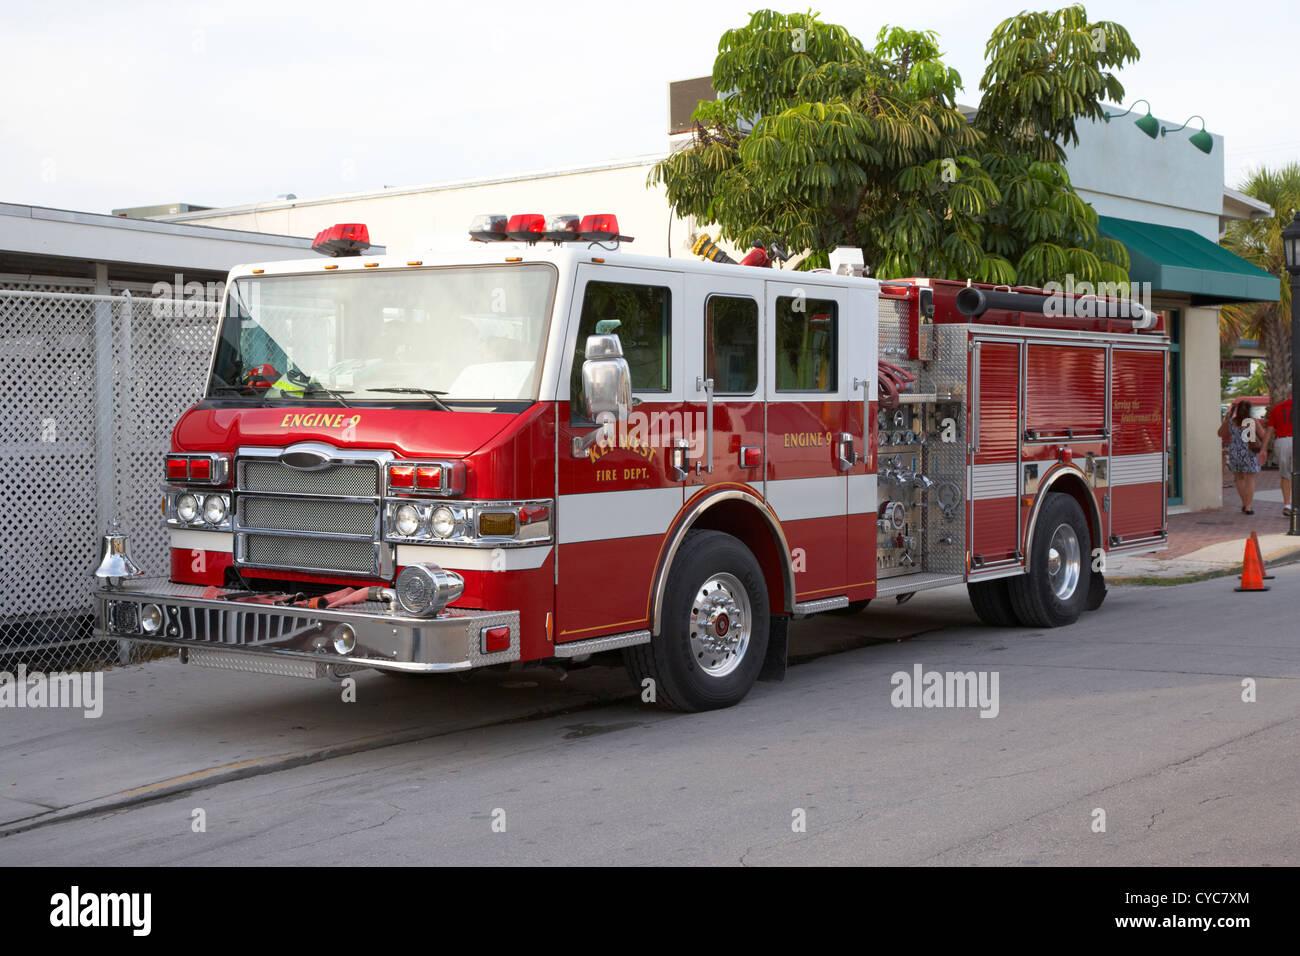 key west fire dept engine vehicle florida usa - Stock Image